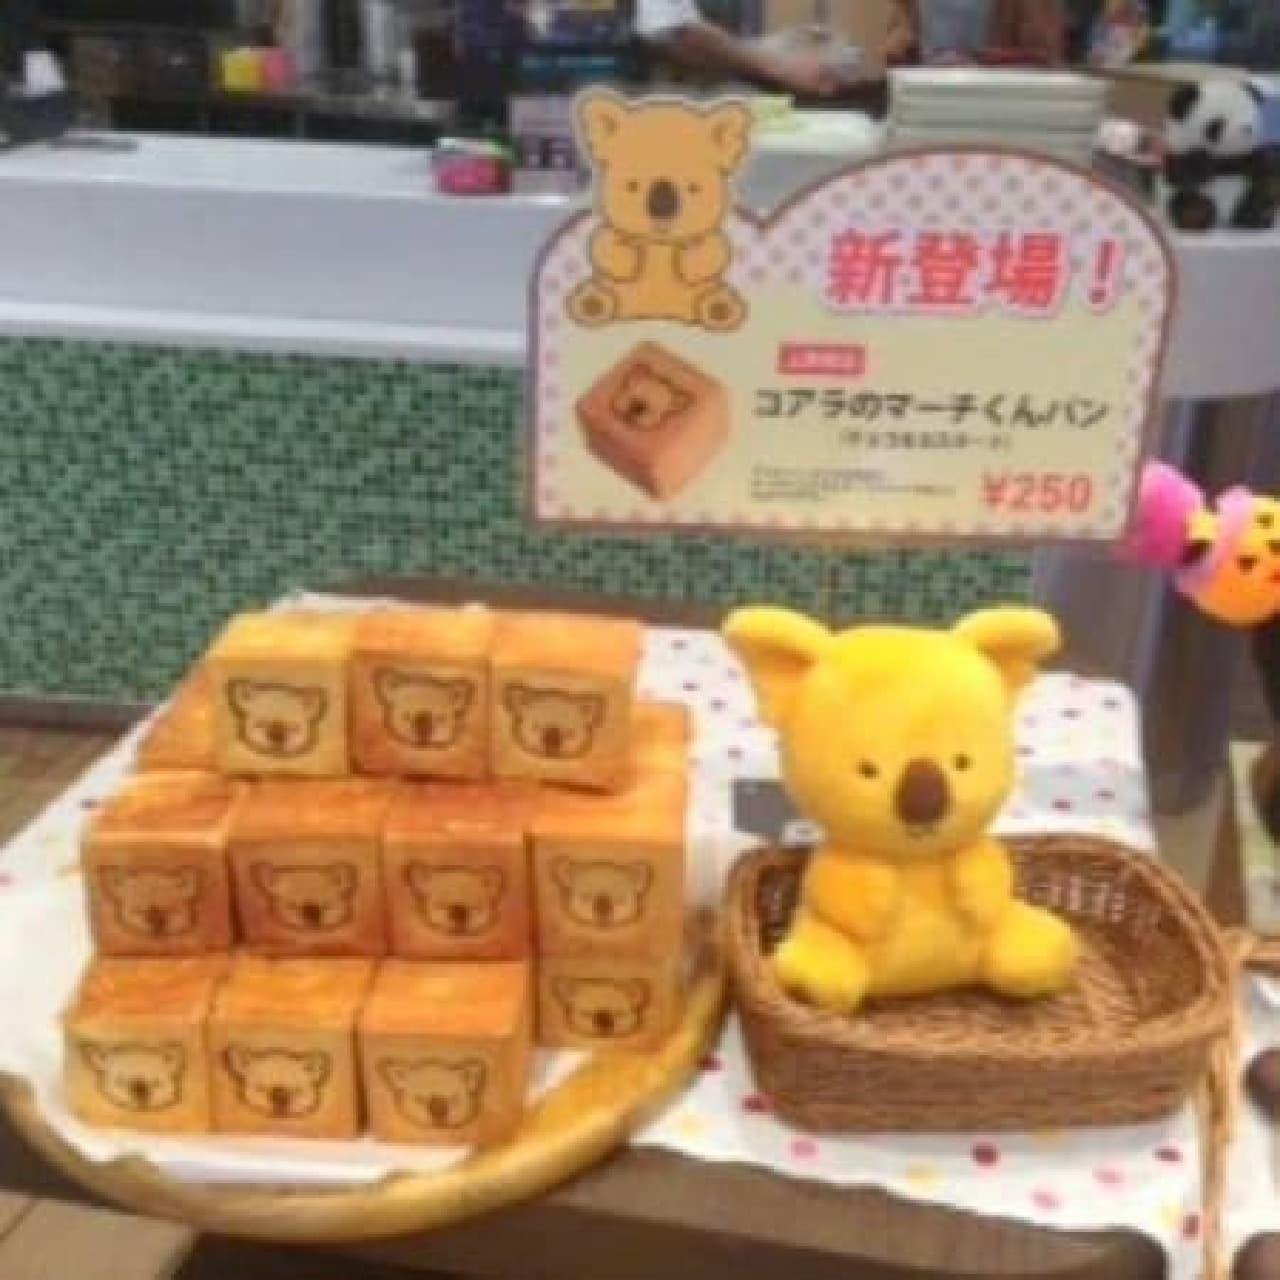 上野のロッテリア限定だよ!  (画像:ロッテリア公式 Facebook ページ)